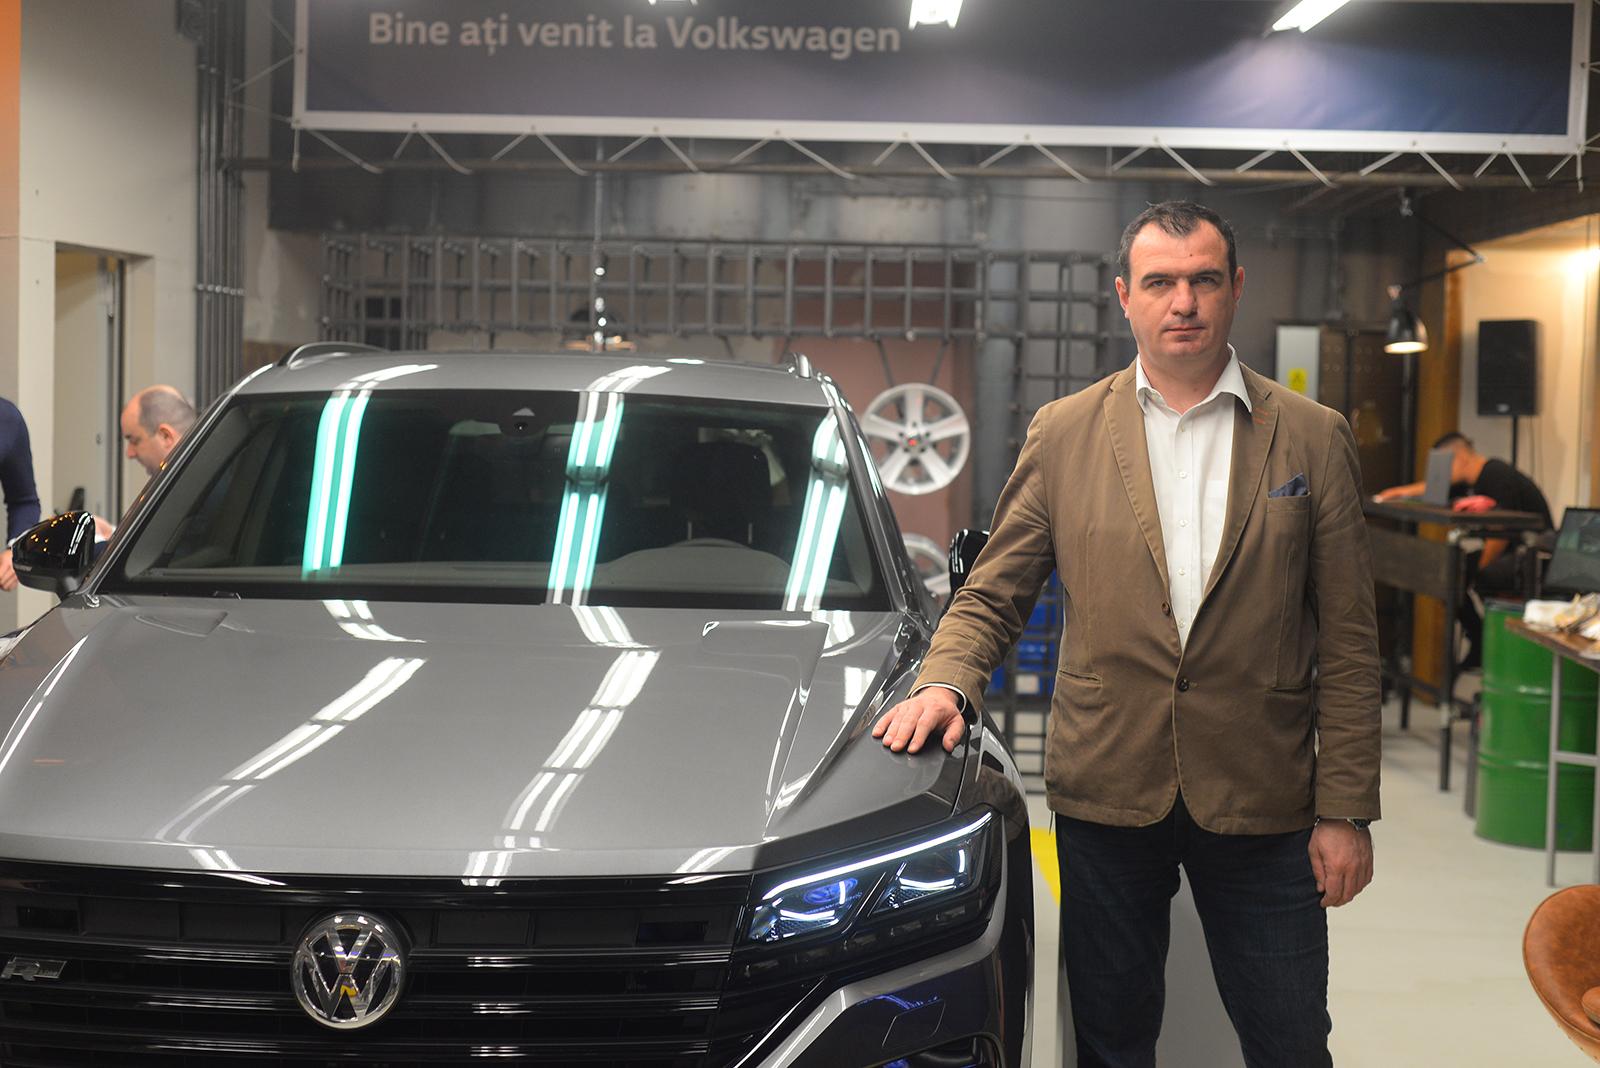 Volkswagen lanseaza un magazin propriu intr-un mall, o premiera pentru piata auto din Romania